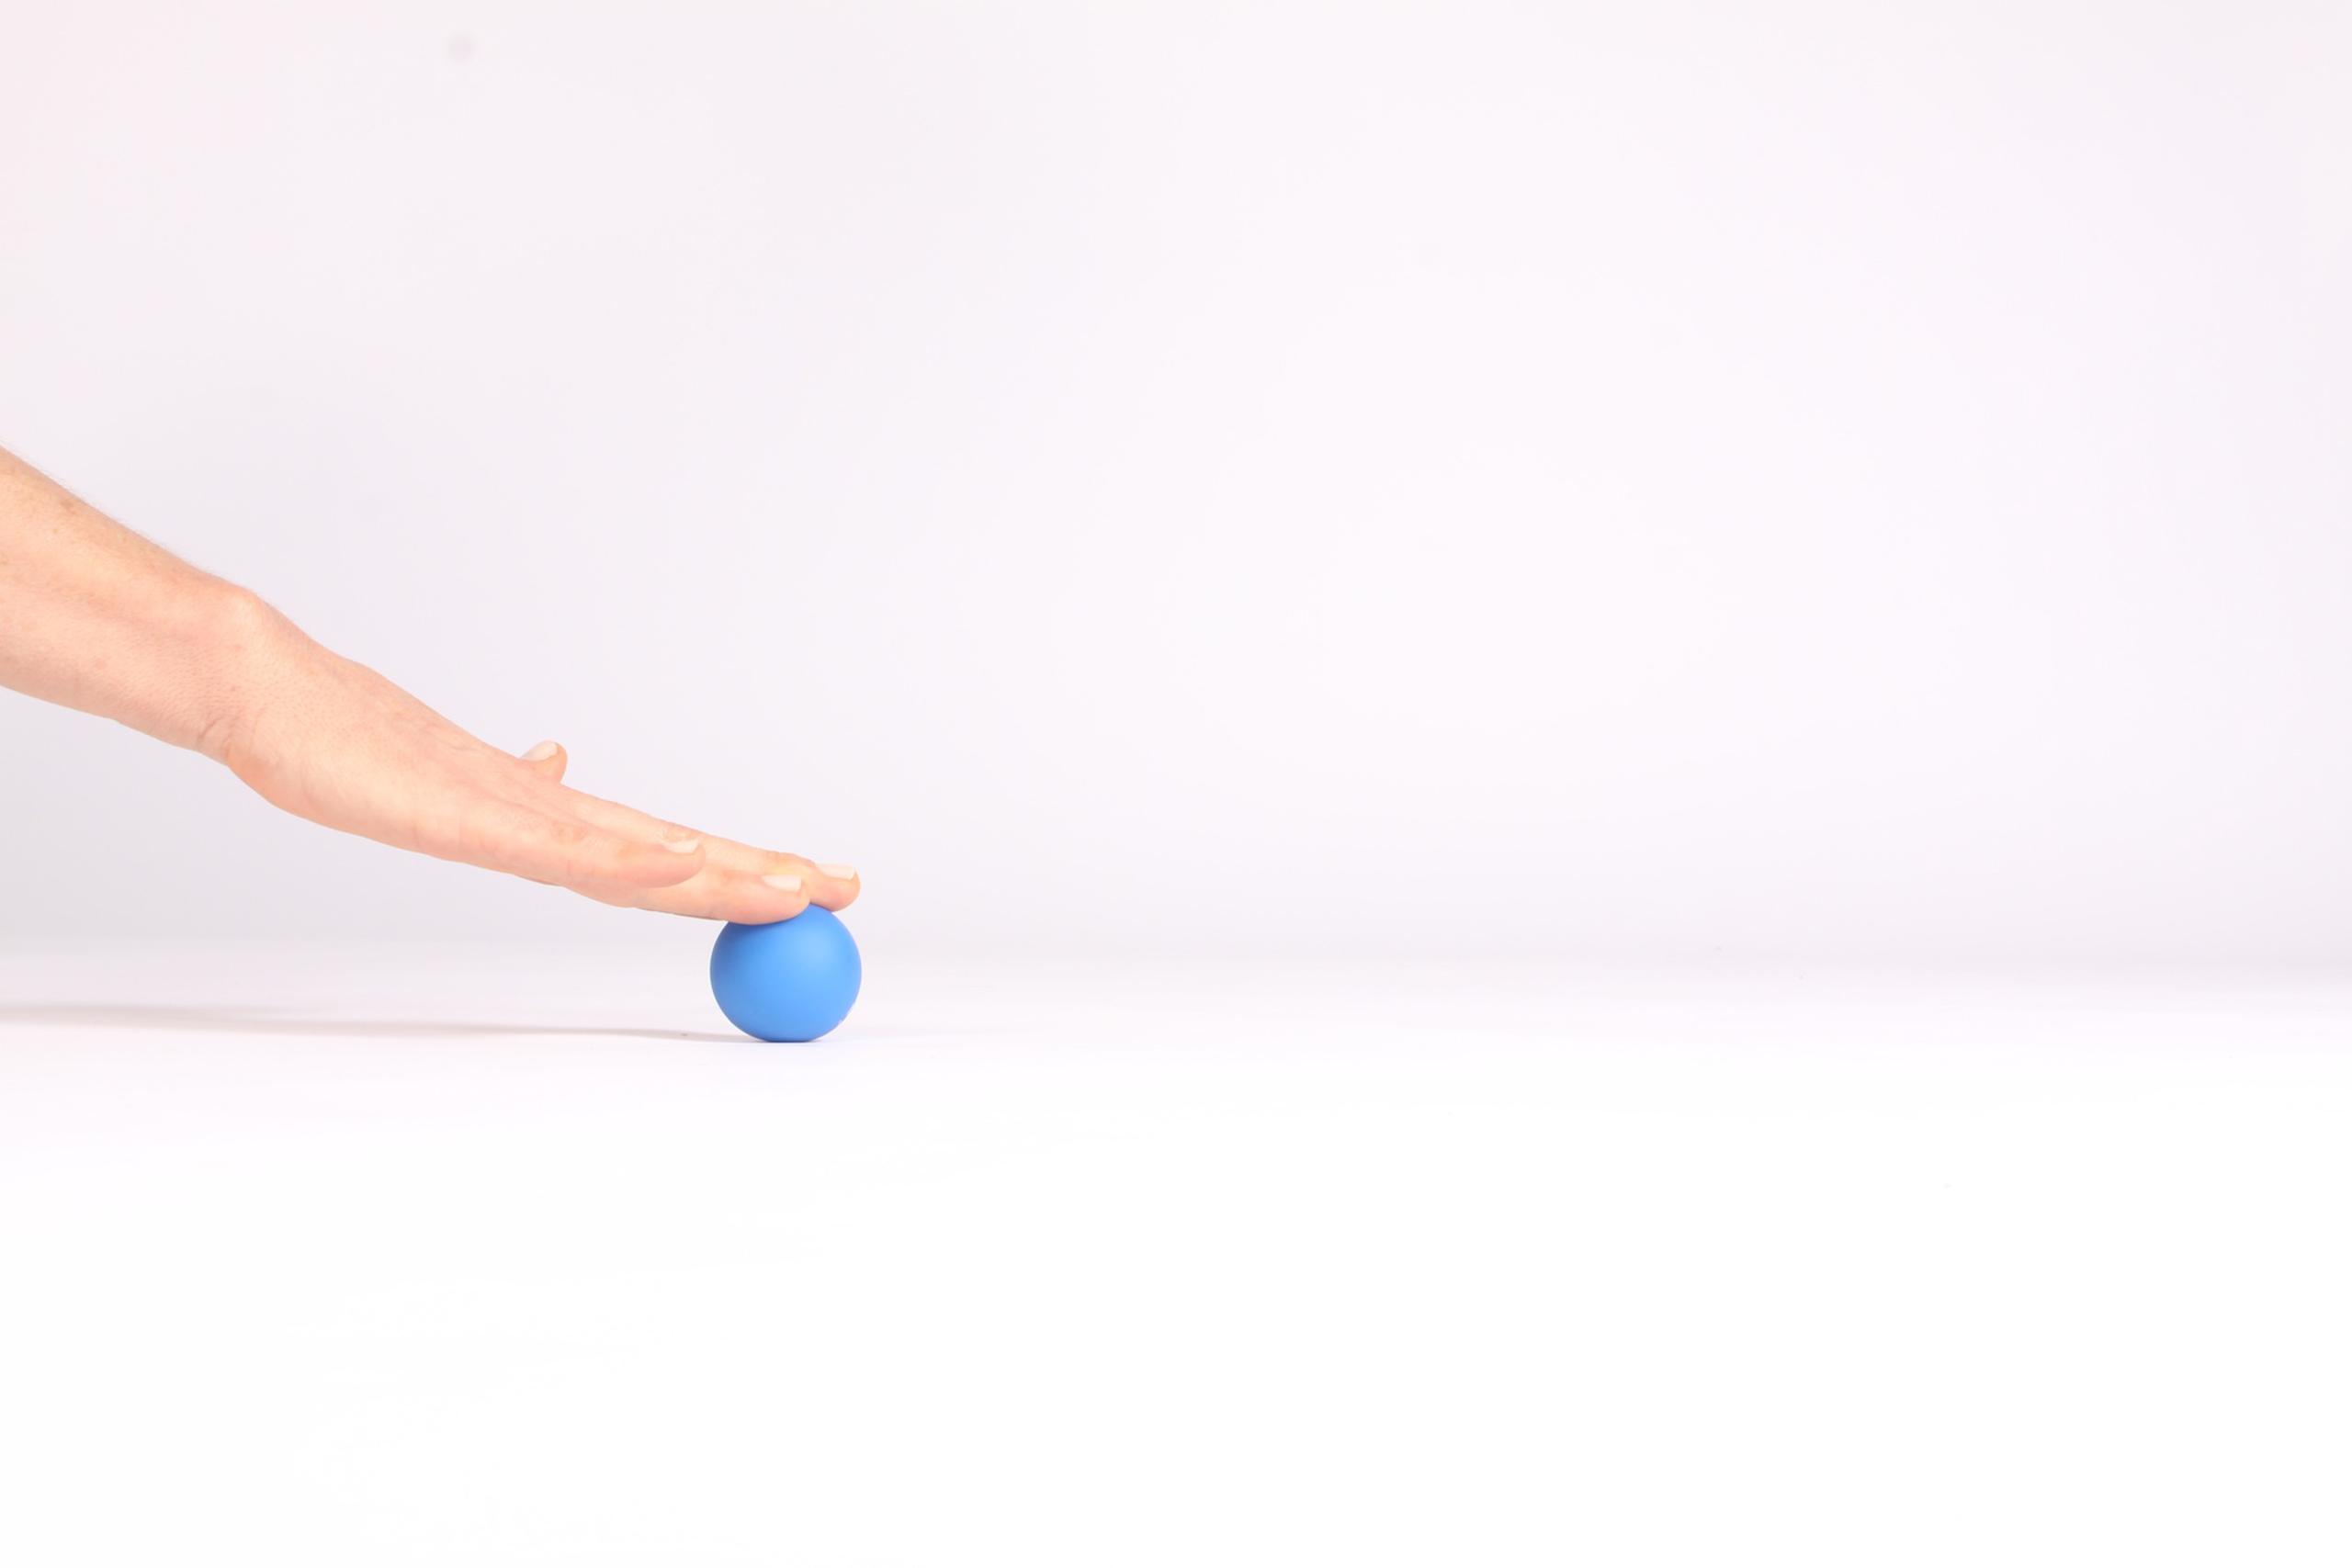 MELT fingertip